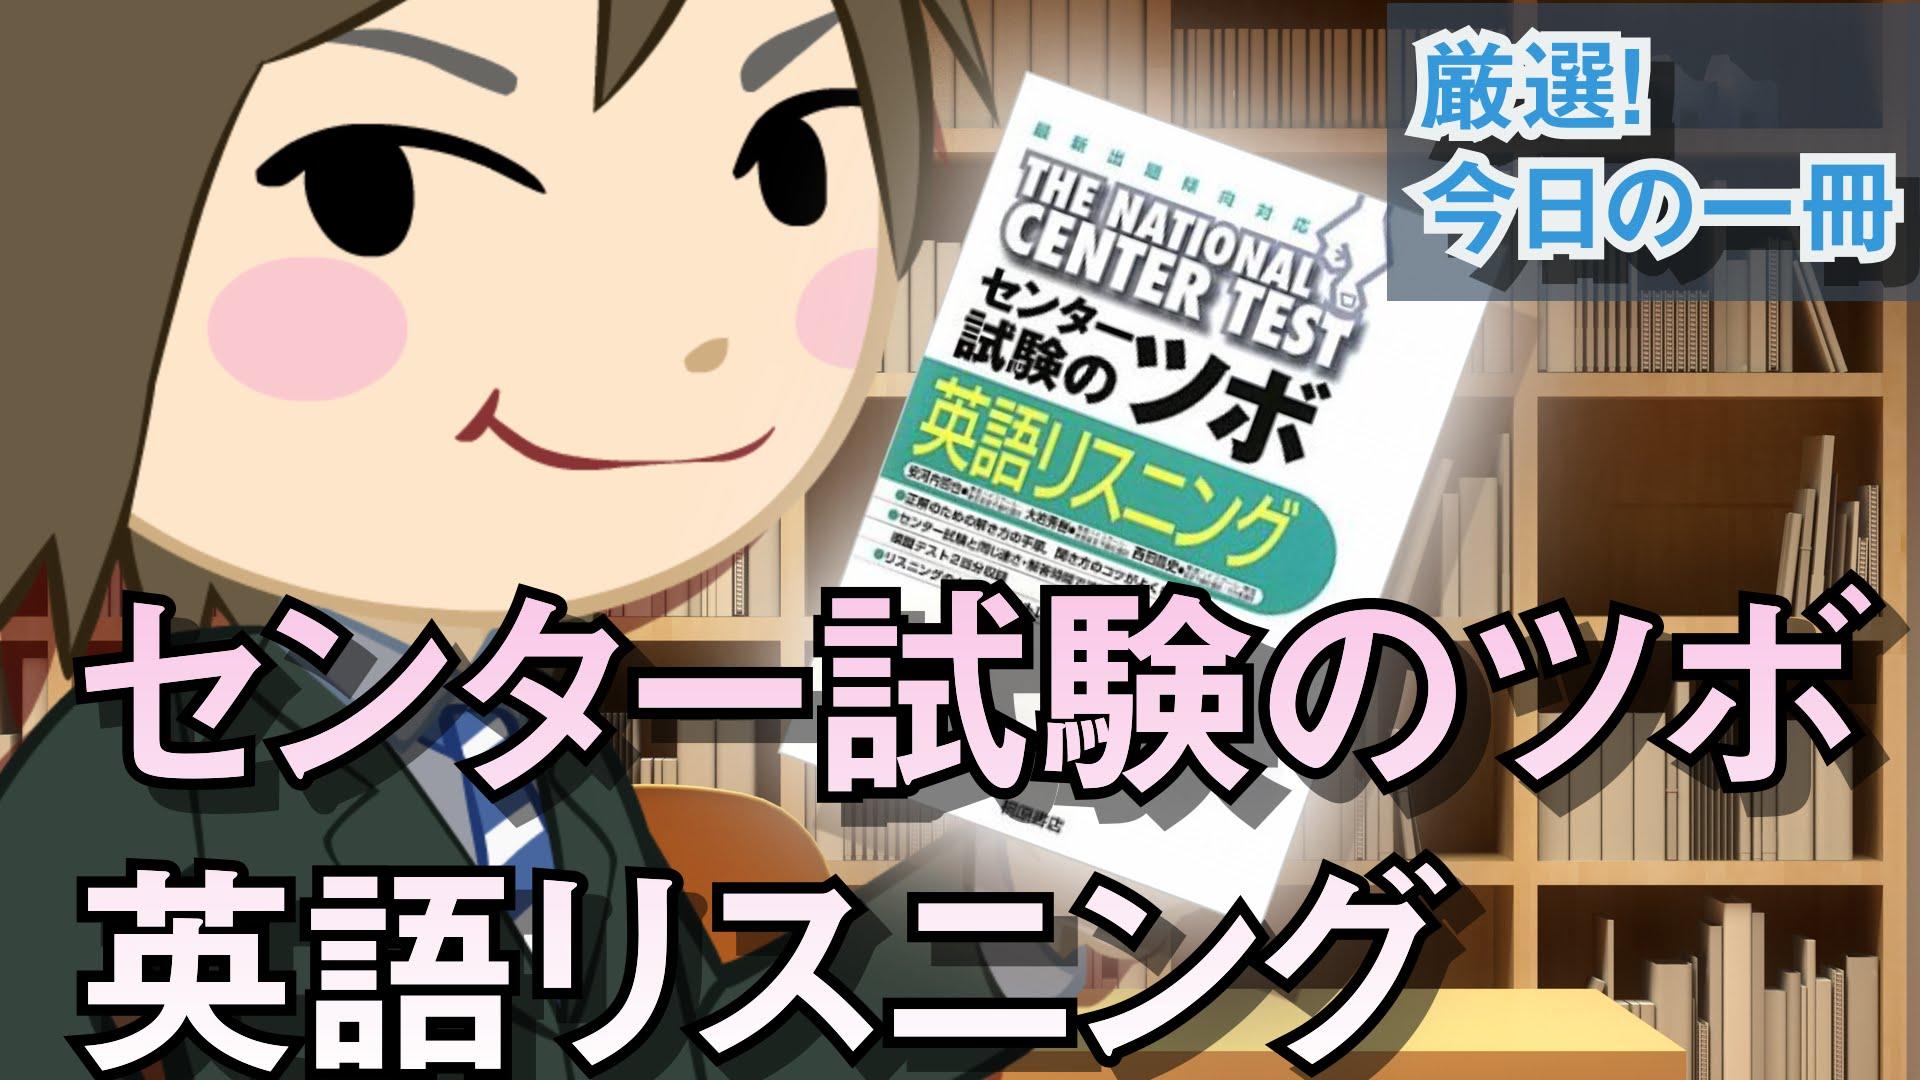 センター試験のツボ英語リスニング|武田塾厳選!今日の一冊